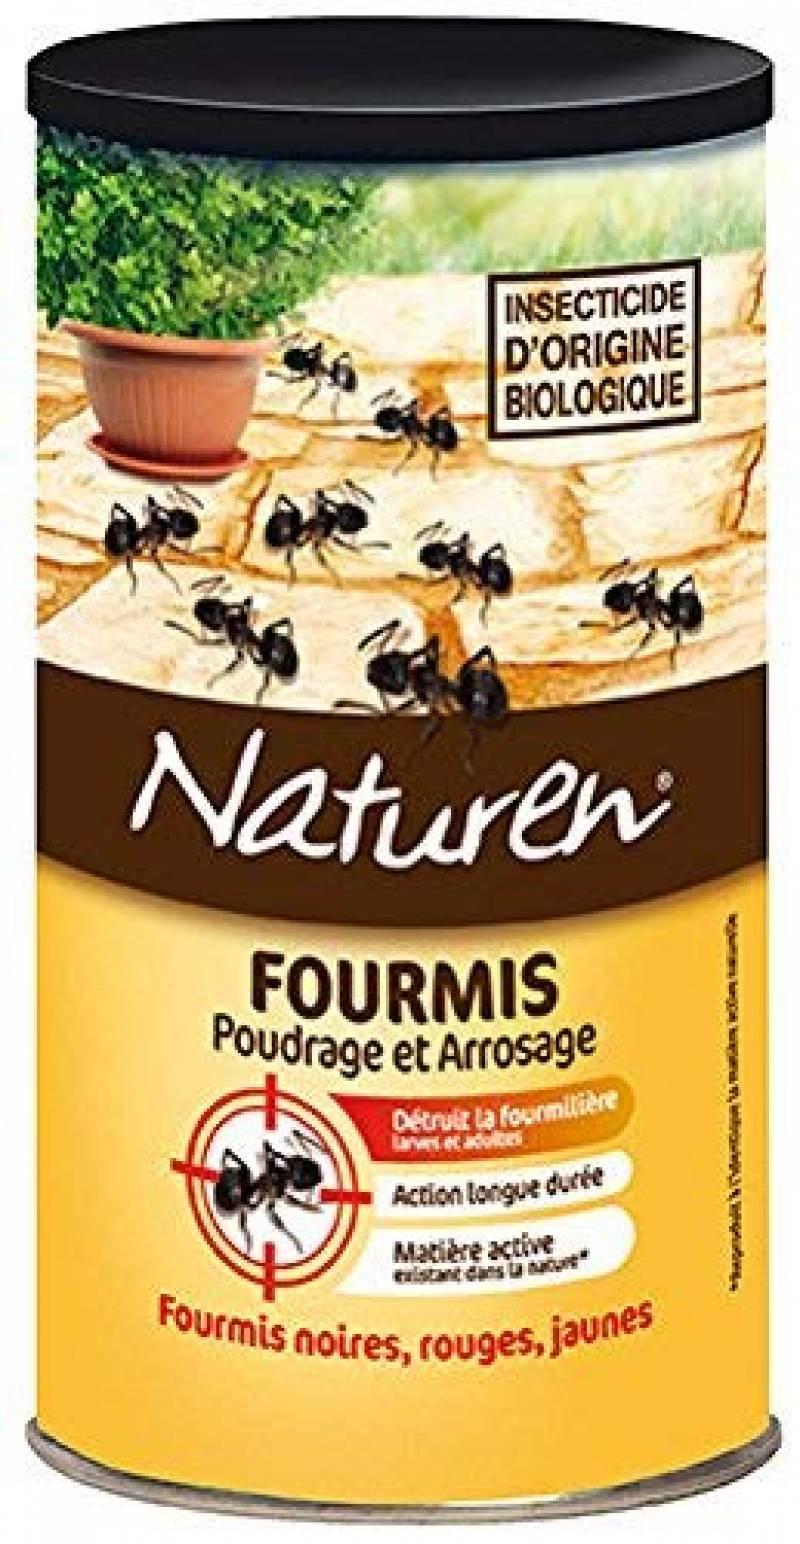 Comment Se Débarrasser Des Fourmis Dans Ma Maison traiter les fourmis dans le jardin ; comment acheter les